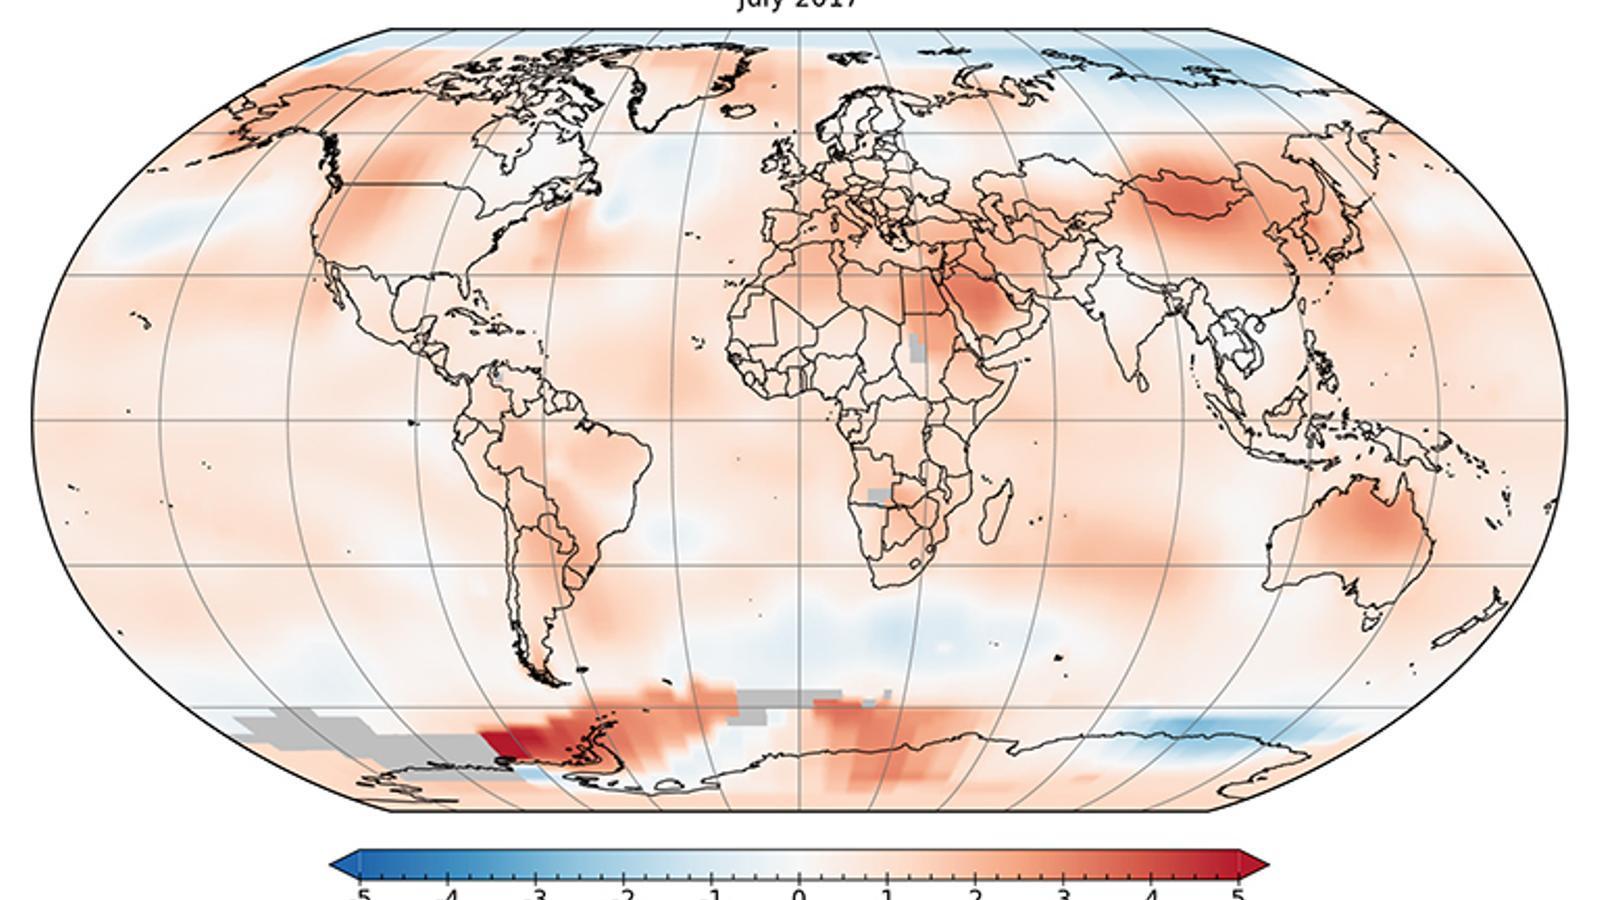 Els juliols de 2016 i 2017, els més càlids des de 1880